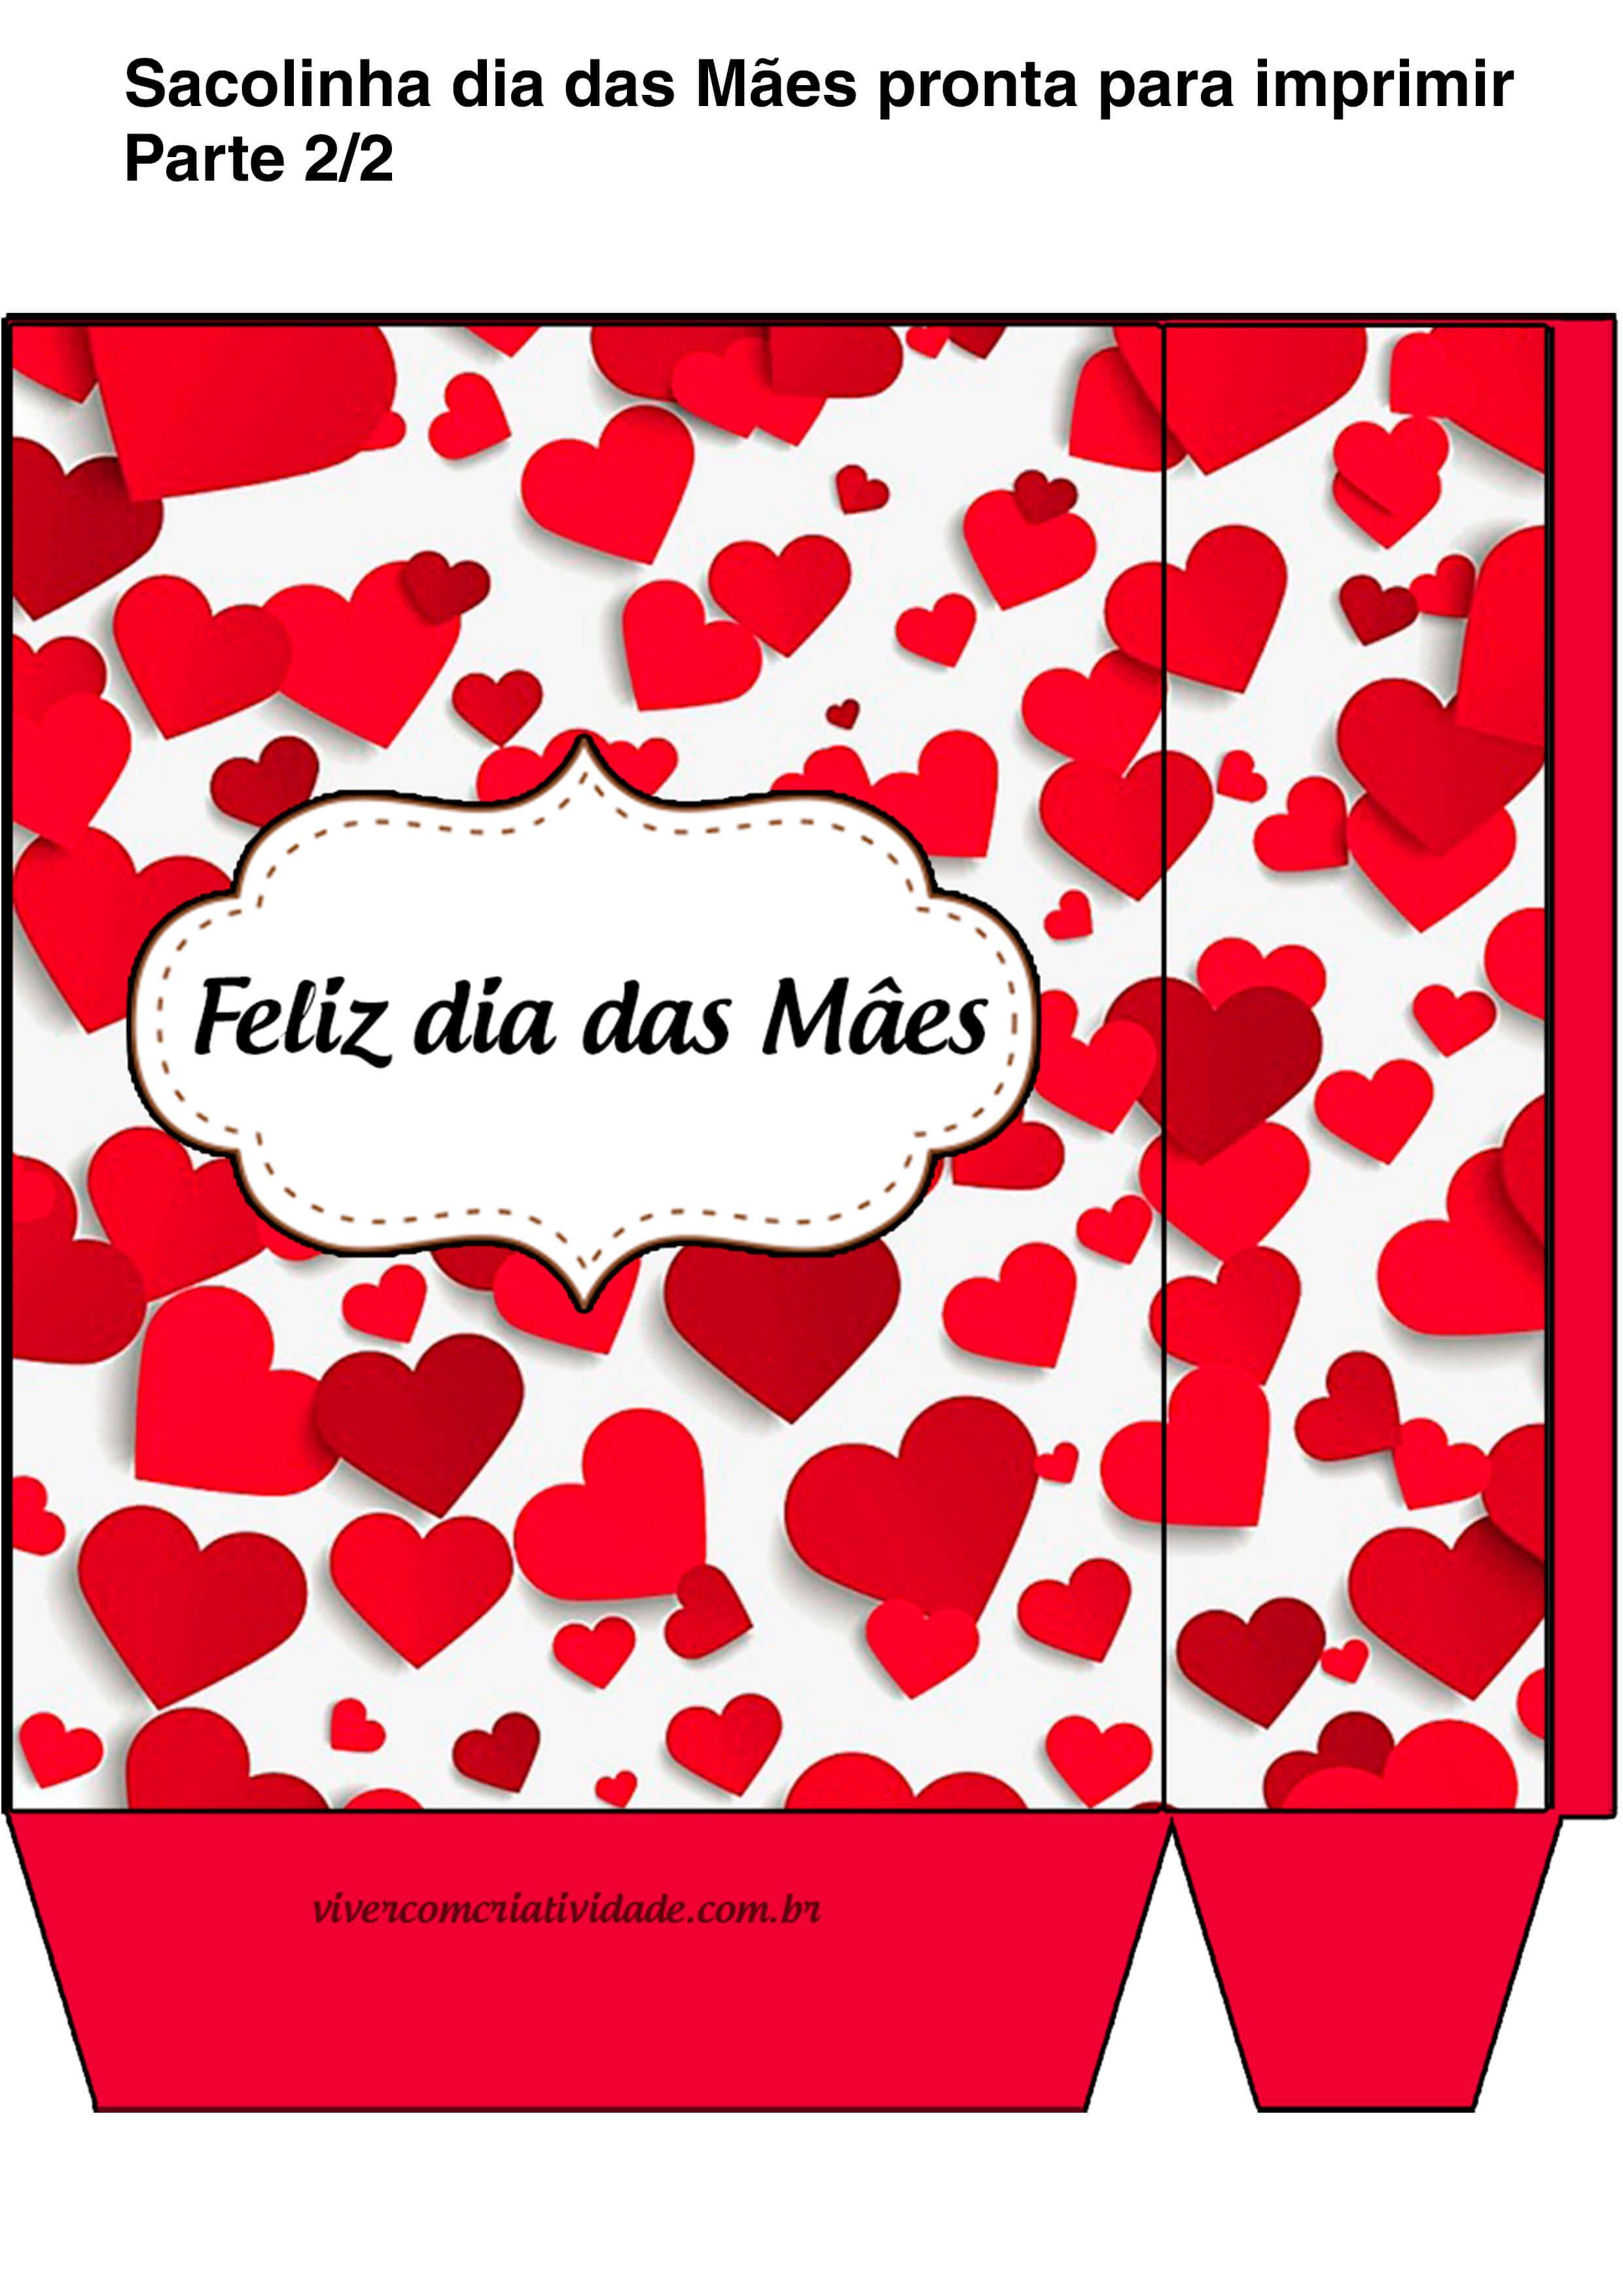 Sacolinha Presente Dia Das Maes Baixar Gratis Faca Voce Mesma